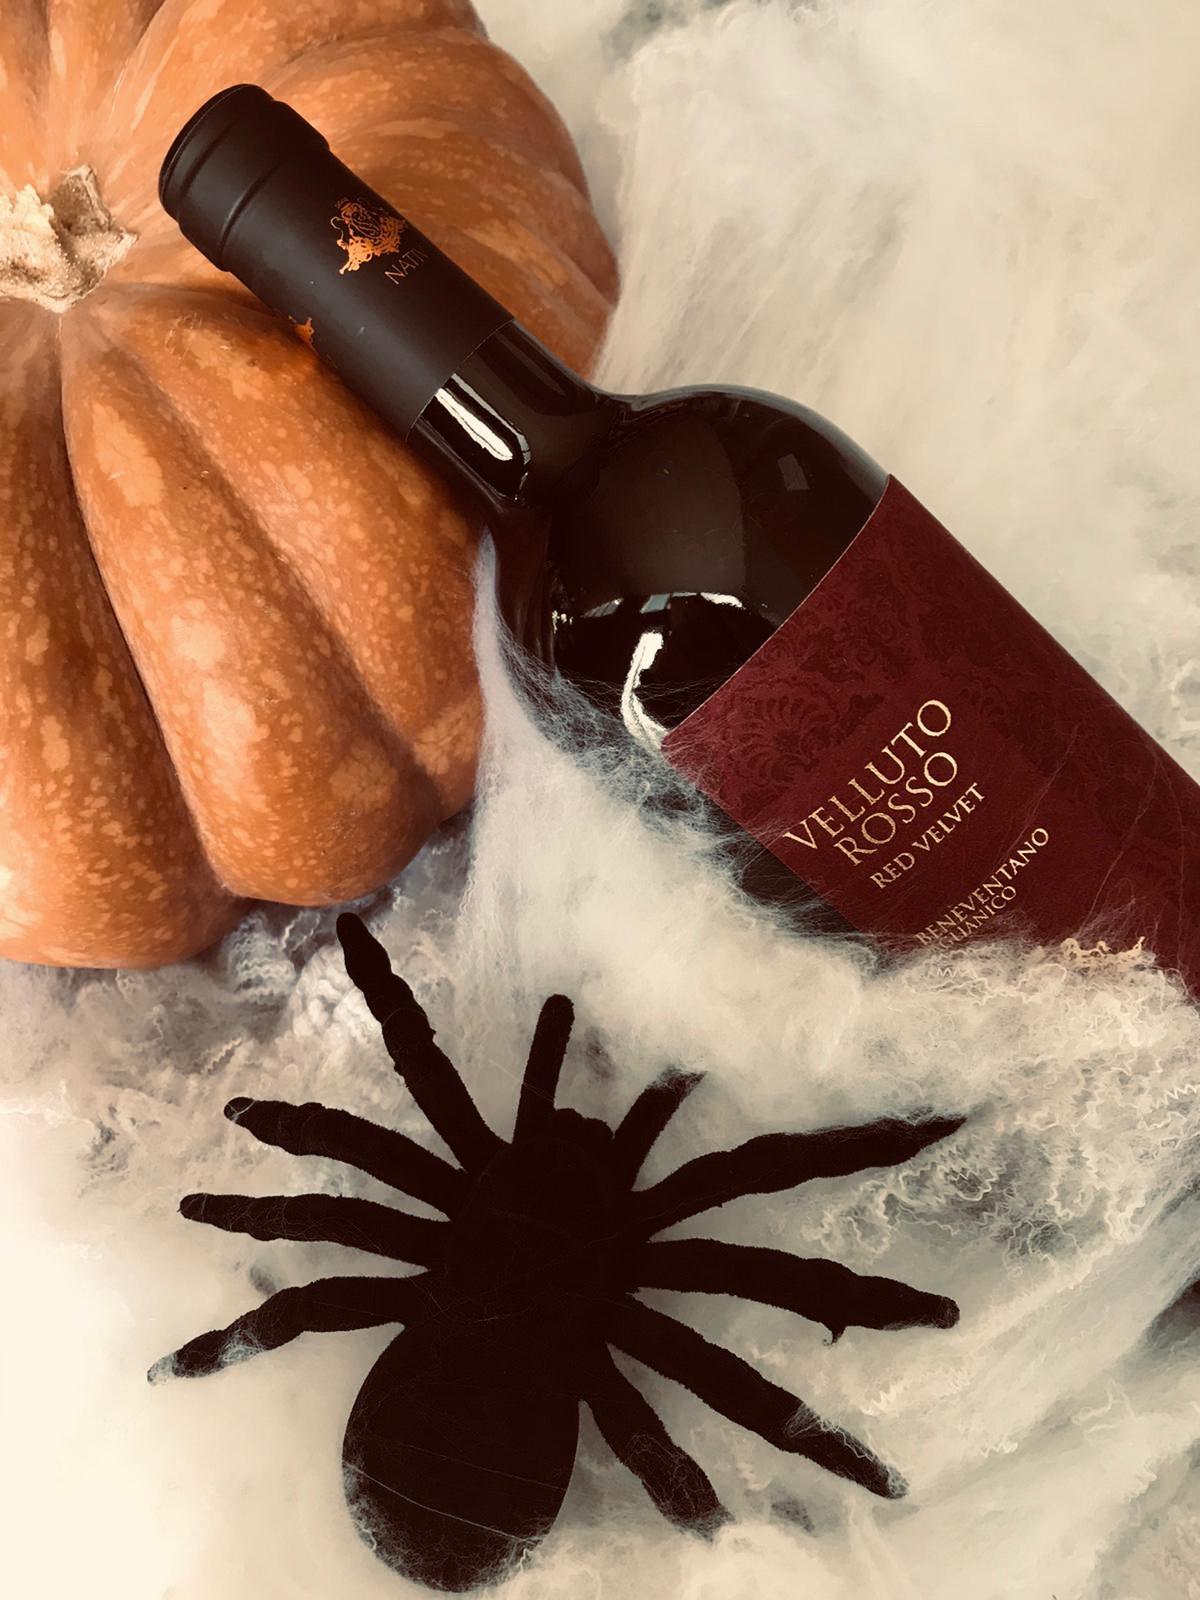 velluto rosso vino aglianico beneventano nativ